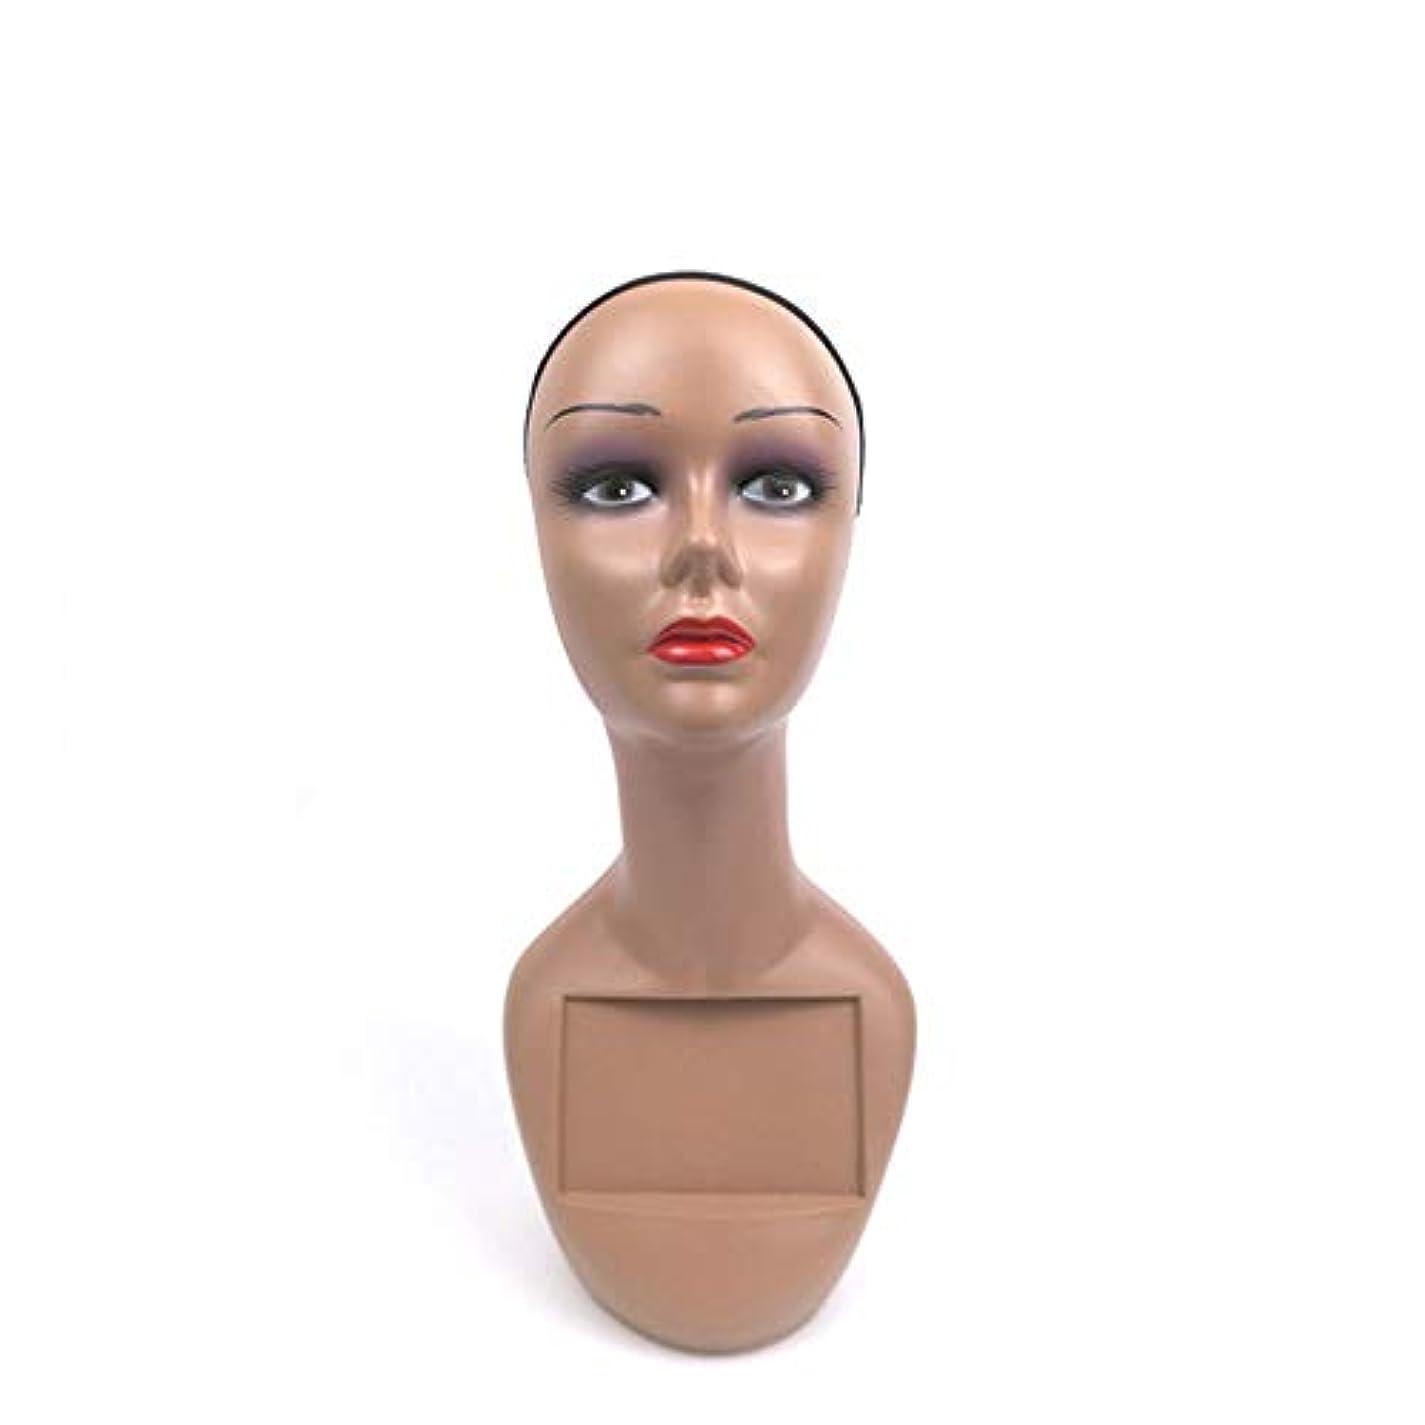 ストラトフォードオンエイボン大学生き残りますウィッグヘッド型小道具ABSヘッドモデル化粧モデルヘッドウィッグモデルヘッド女性ウィンドウディスプレイヘッド